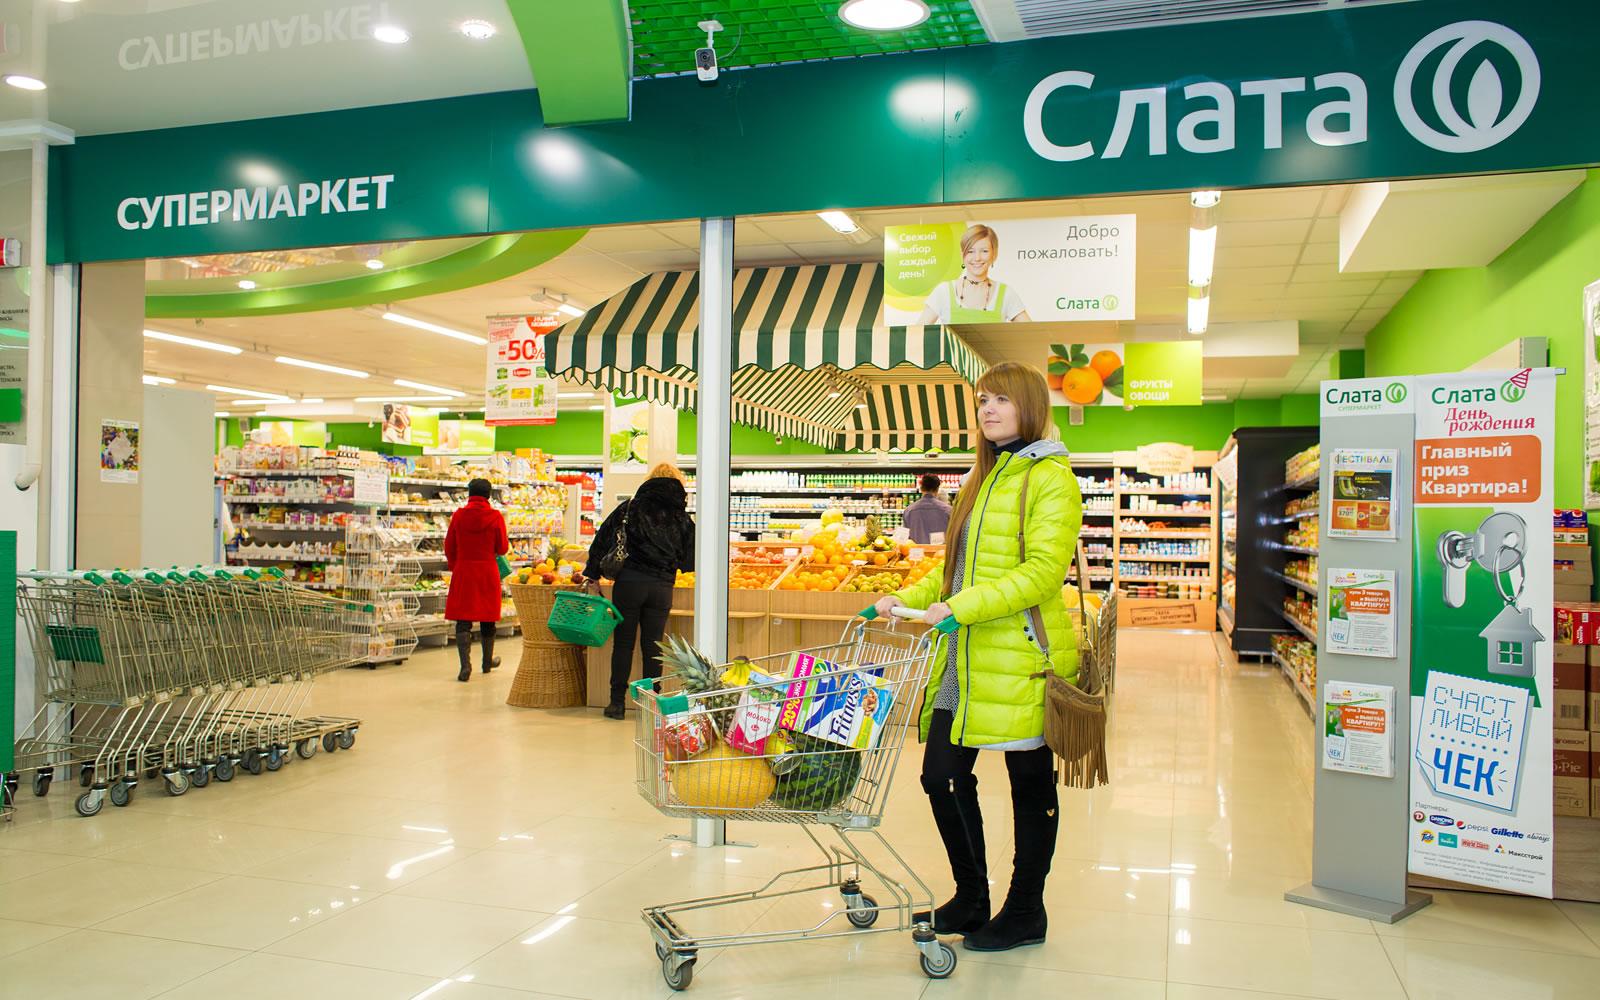 Супермаркет «Слата» на первом этаже торгового центра «Цветной парк»